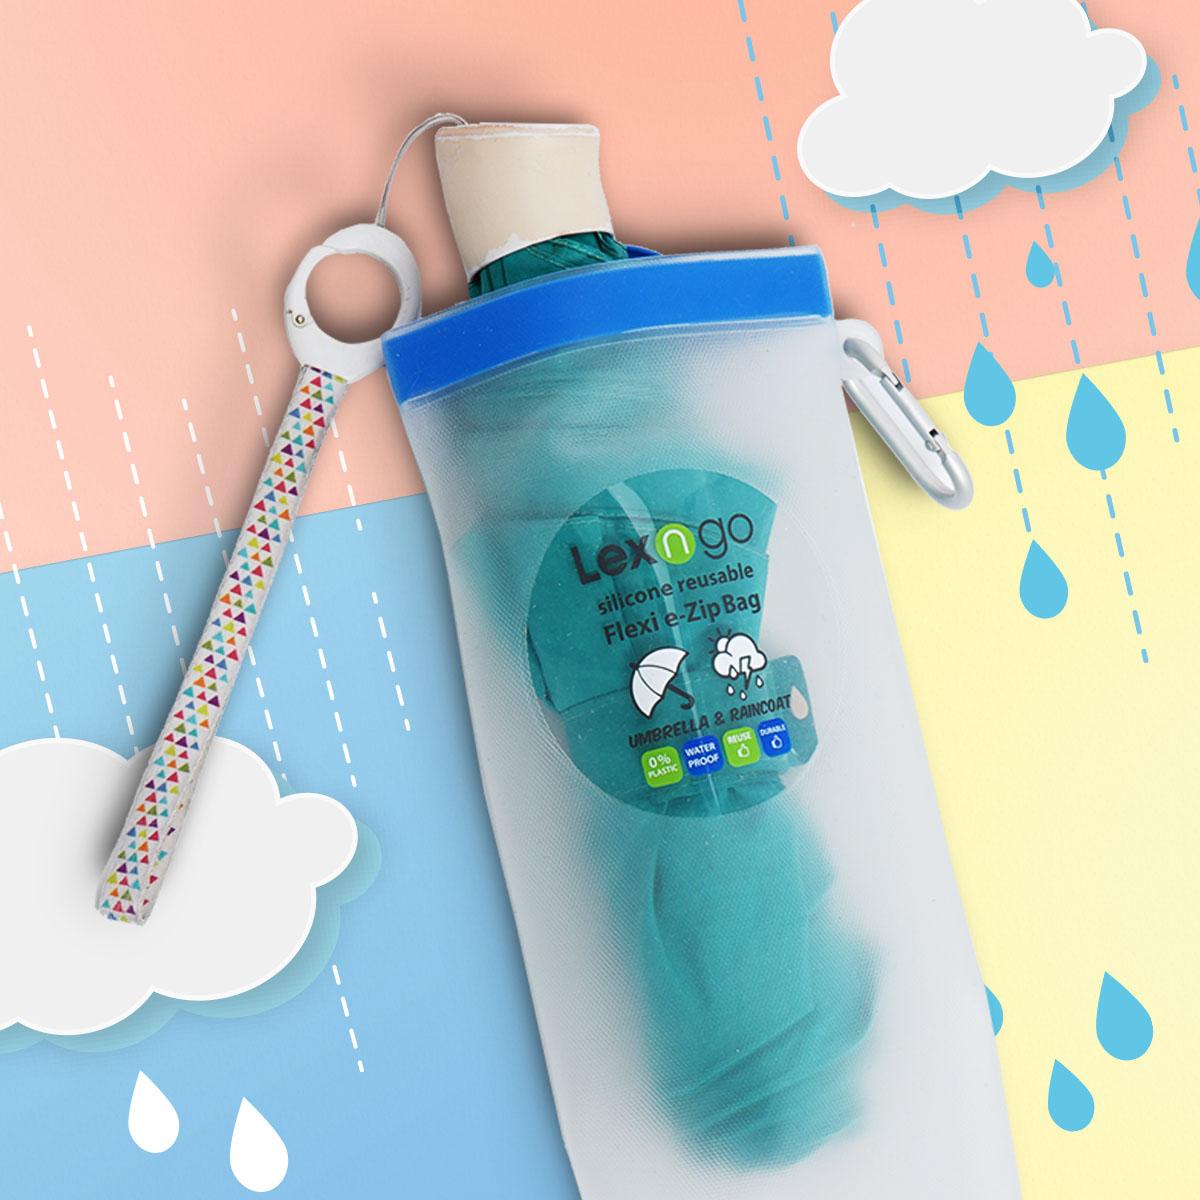 雨天小編最怕見到一地透明傘袋,有Lexngo遮袋就可以收起濕立立的遮,還能扣在袋上。